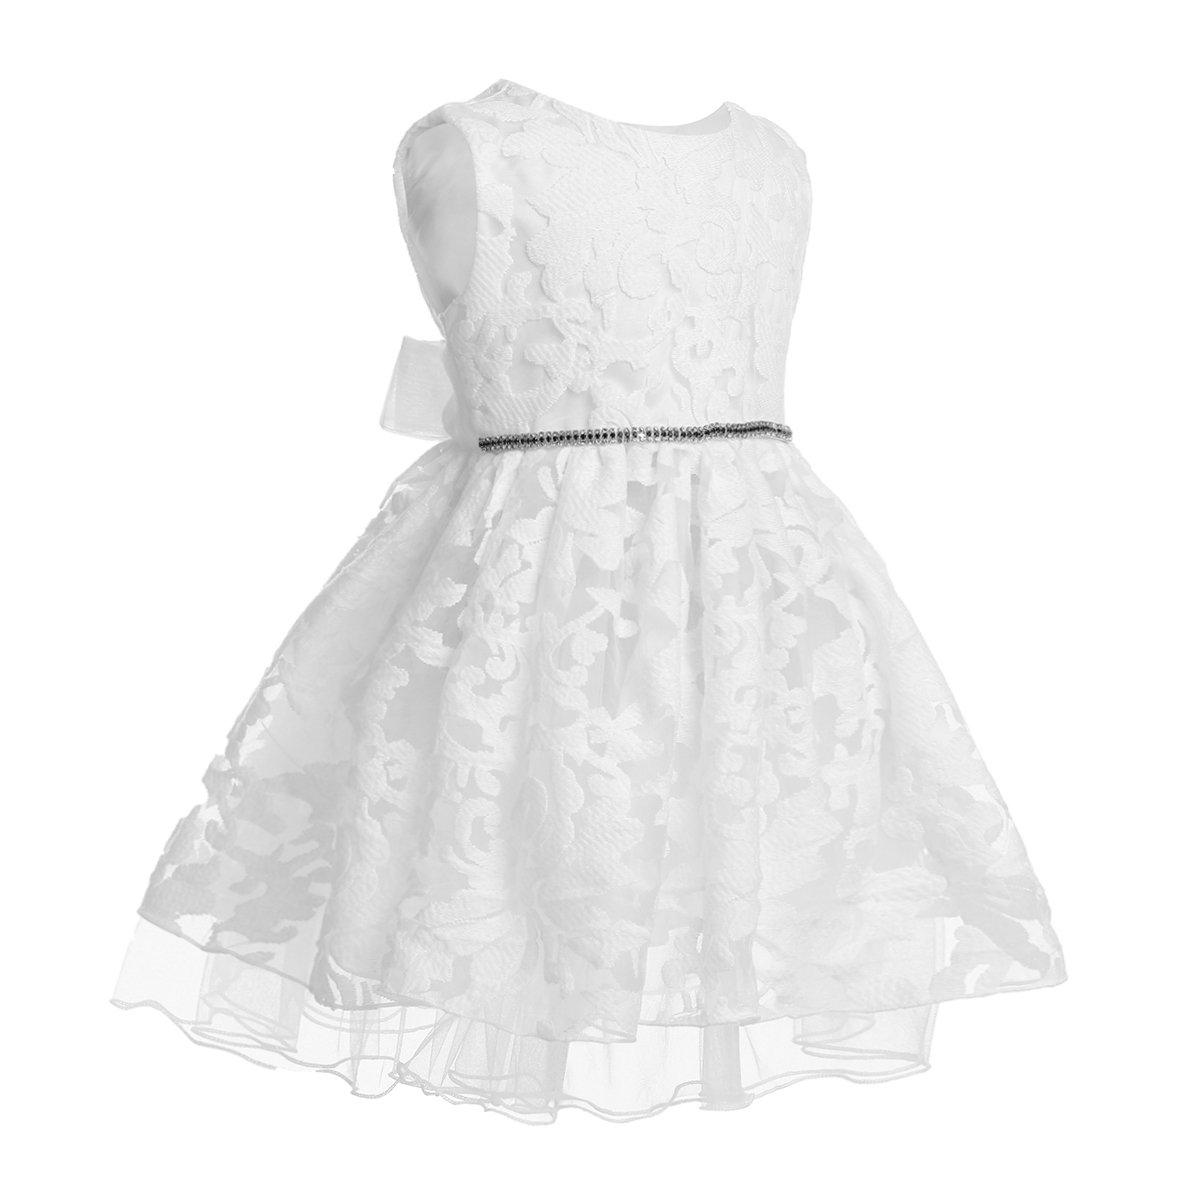 Tiaobug Babykleidung-Baby Mädchen Kleid Festlich Weiß Sommer Kleider Hochzeit Geburtstag Kleinkind Kleidung Tüll Festzug